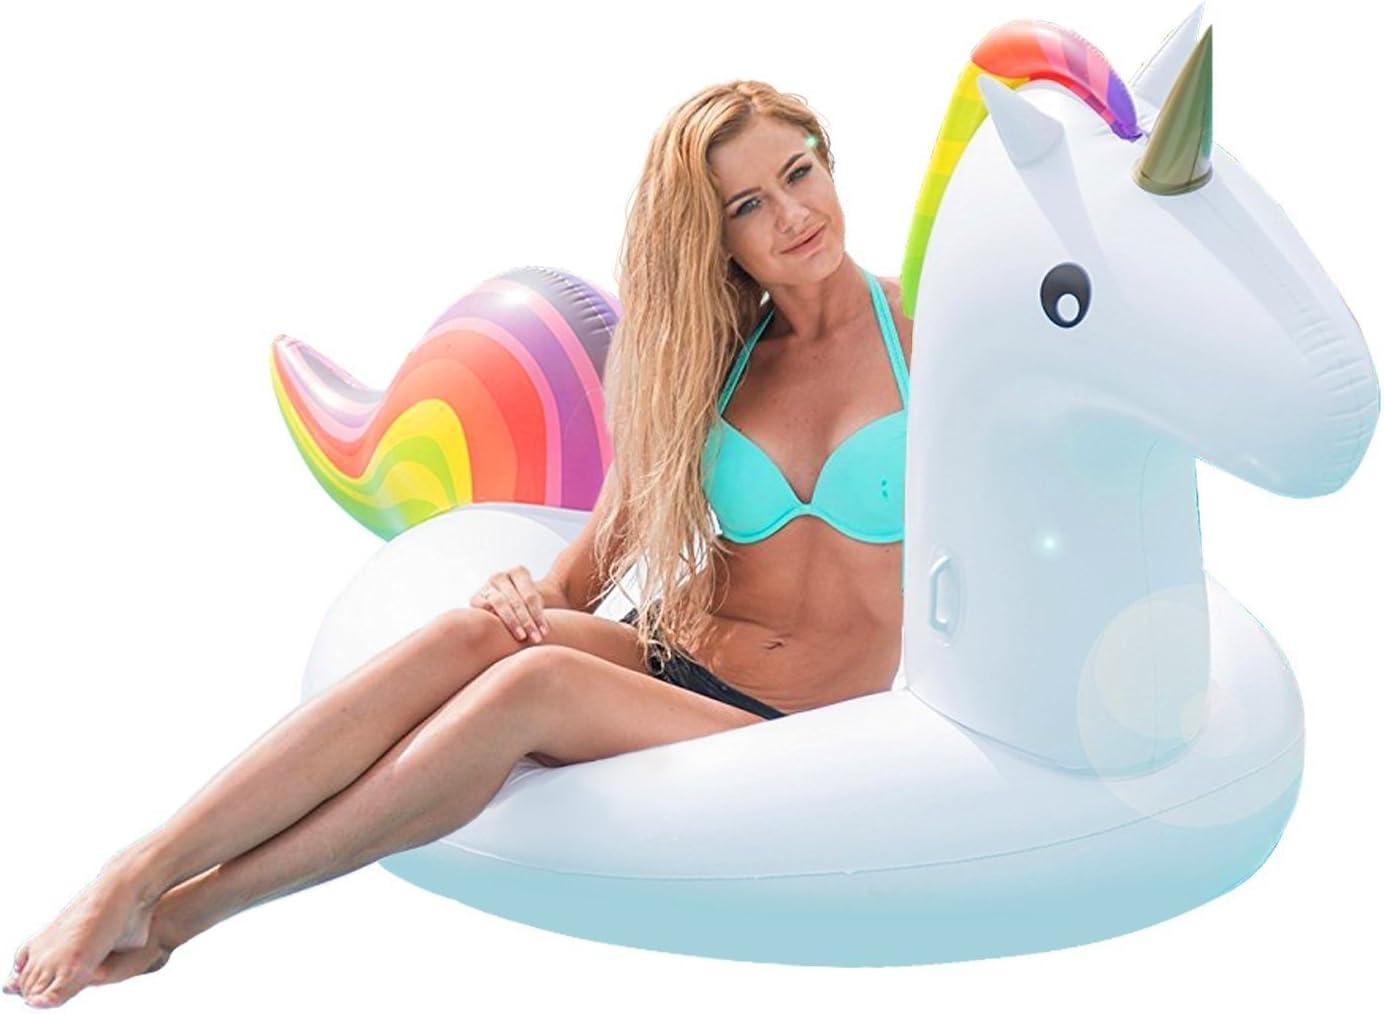 Flotador Unicornio Hinchable Grande, 200x100x90cm - Colchoneta Inflable Unicornio Juguetes para la Piscina Playa Verano para Niños y Adultos: Amazon.es: Juguetes y juegos